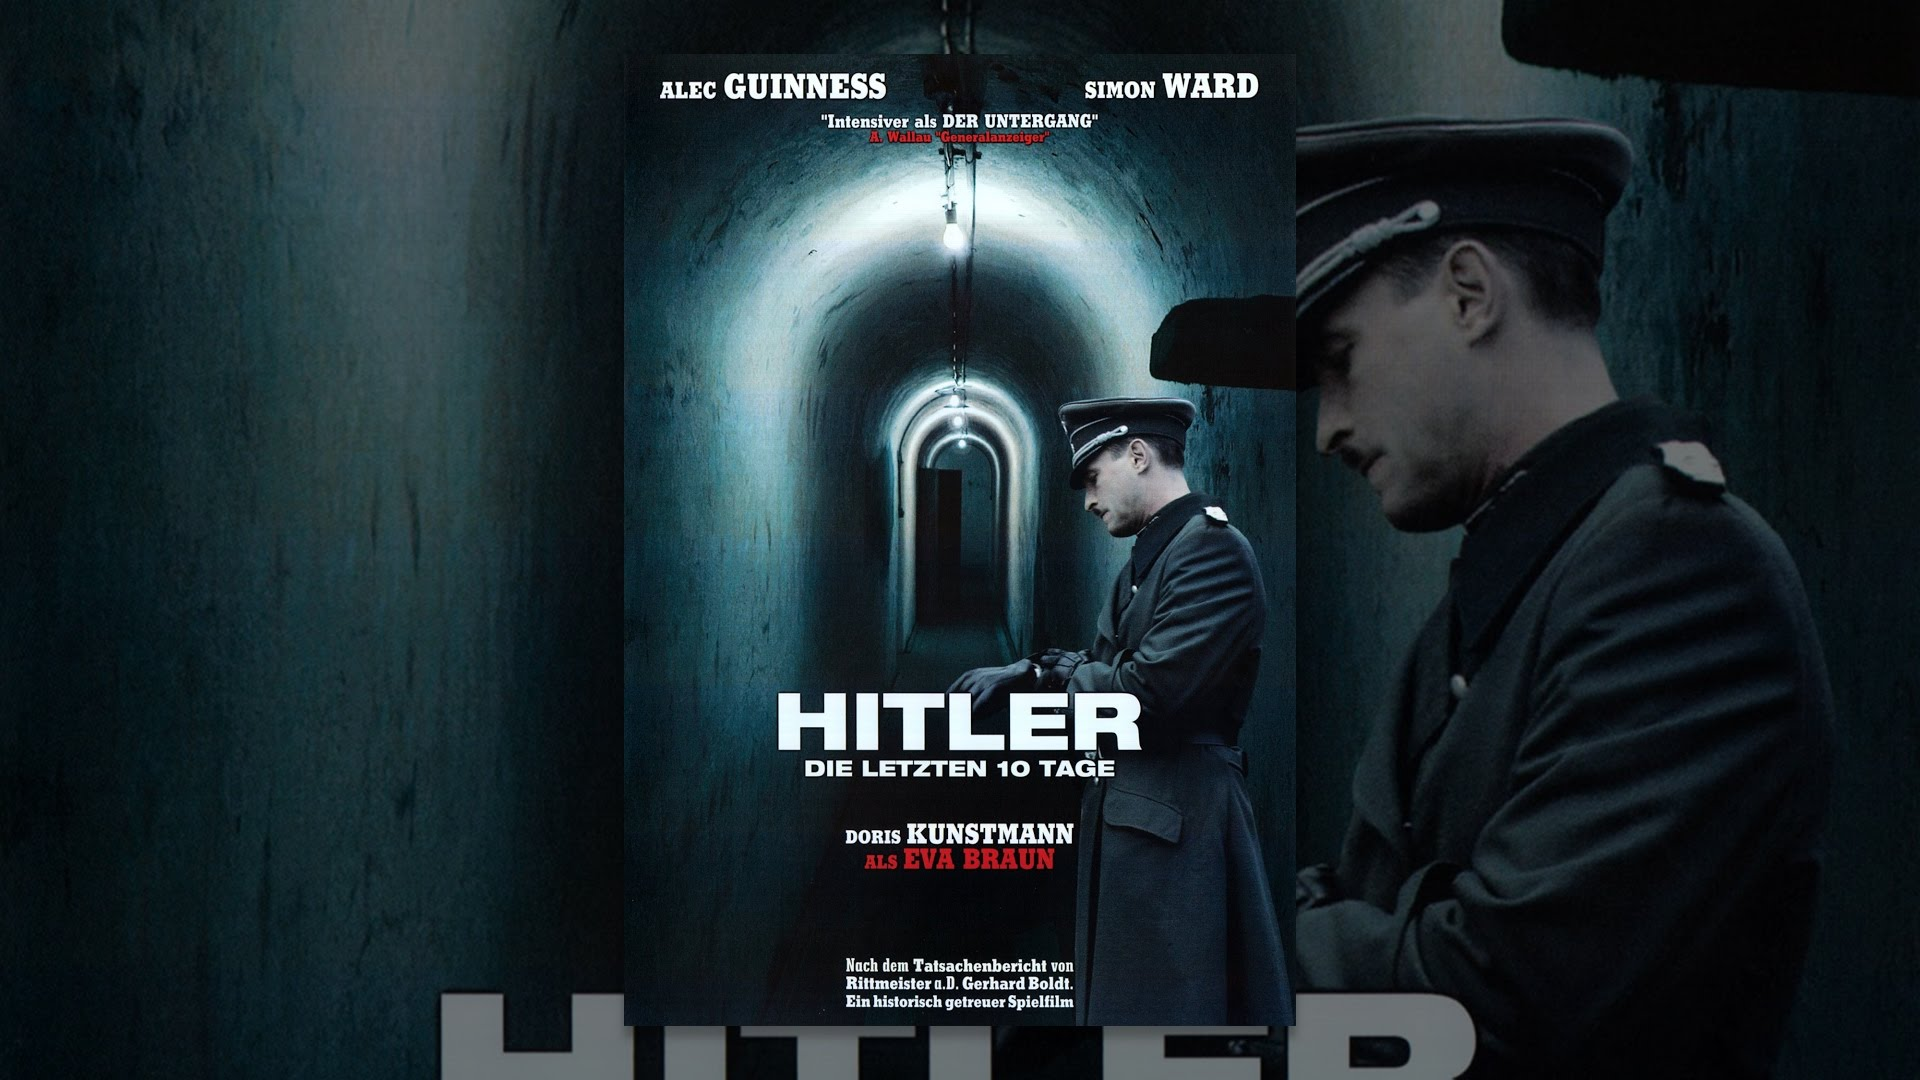 Hitler Die Letzten 10 Tage